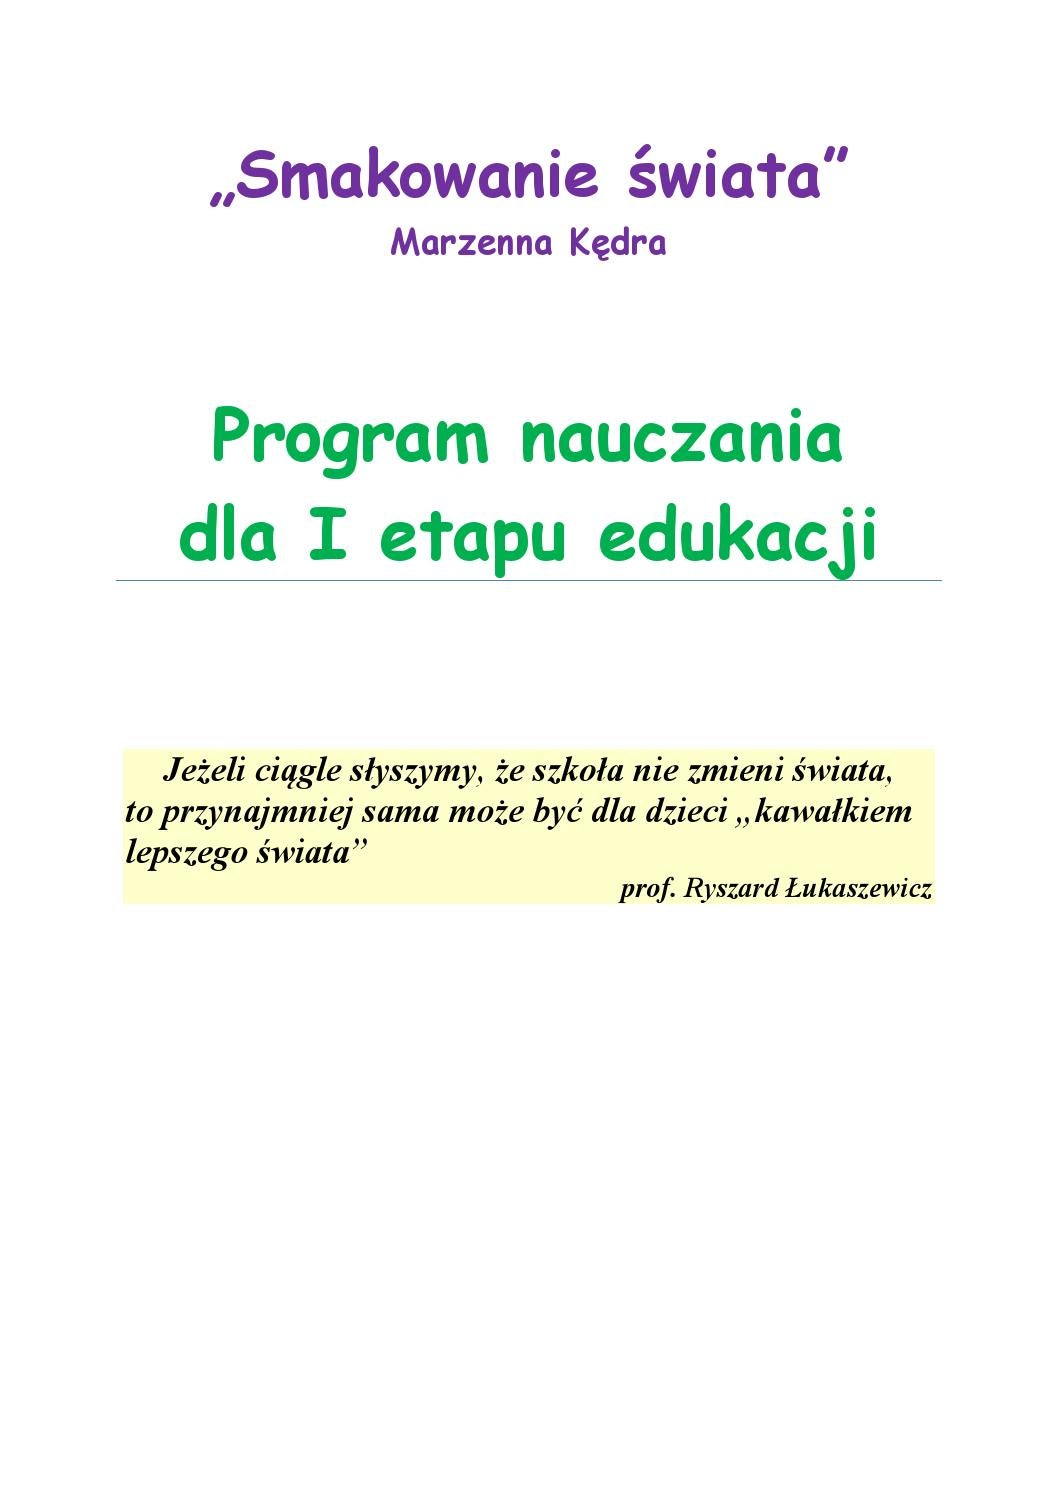 Smakowanie Swiata Program Nauczania Dla I Etapu Edukacji By